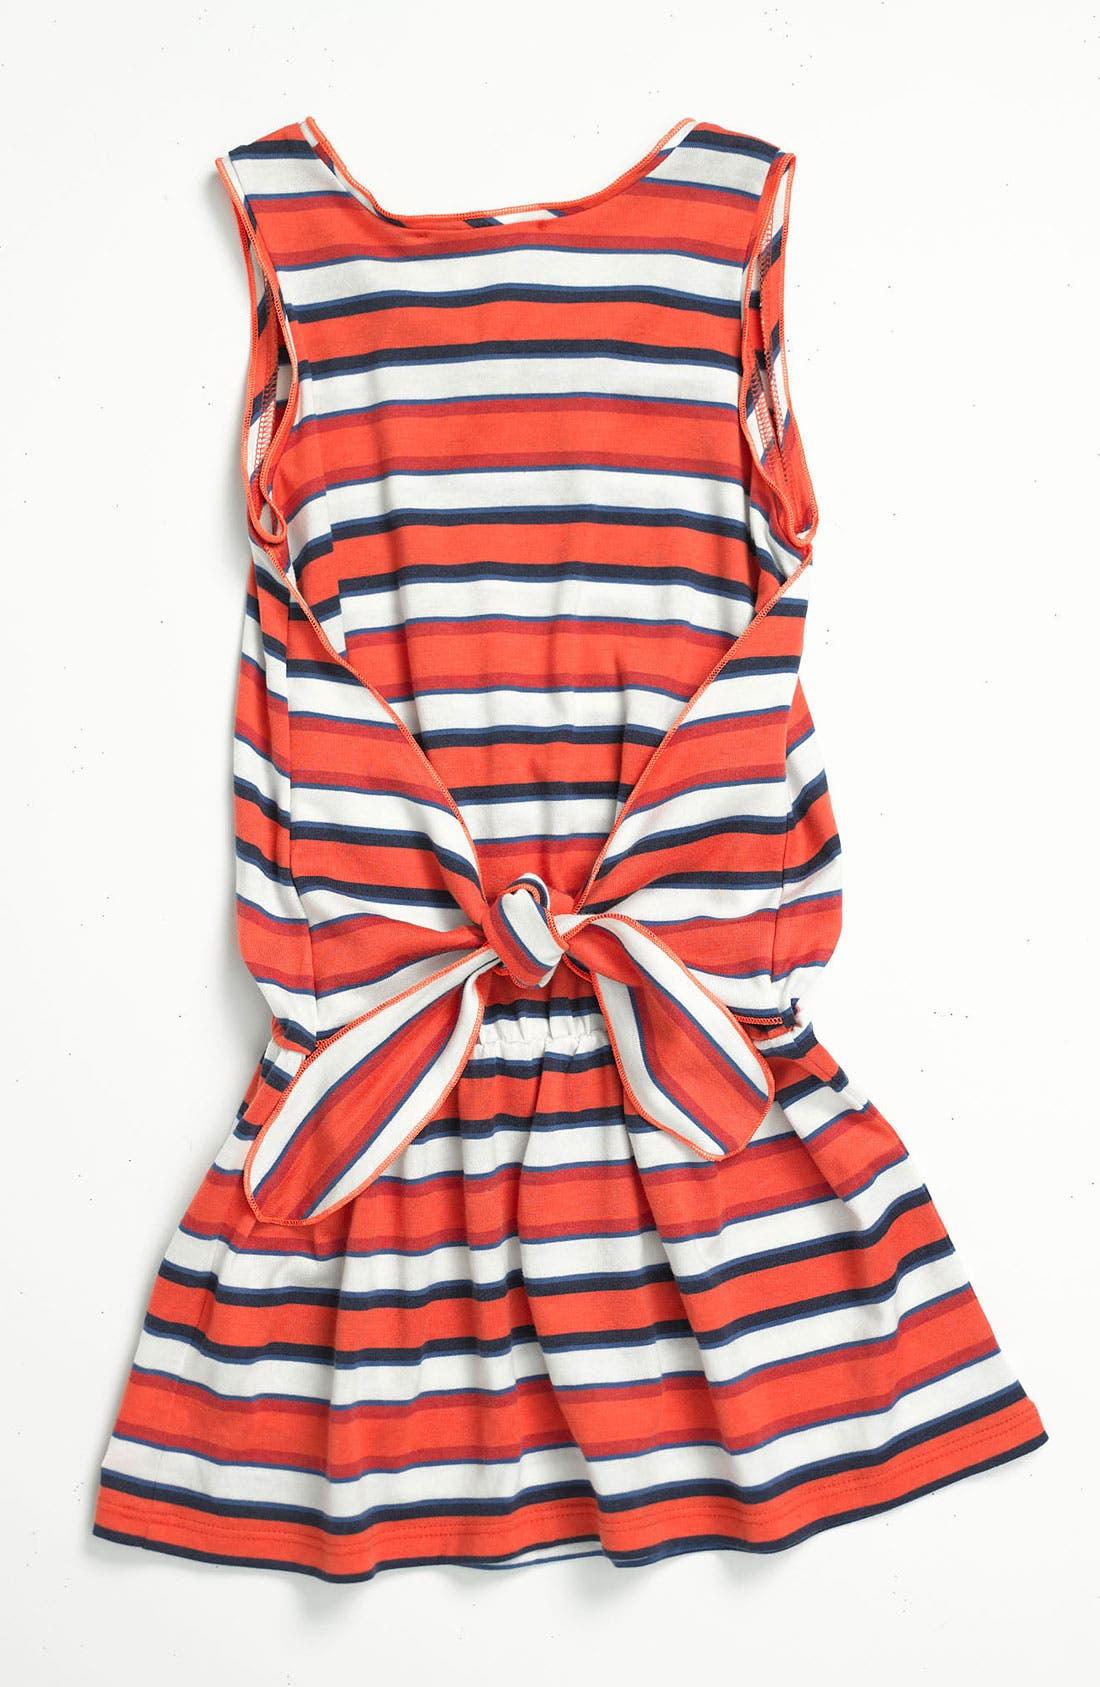 Main Image - LITTLE MARC JACOBS Sleeveless Dress (Little Girls & Big Girls)